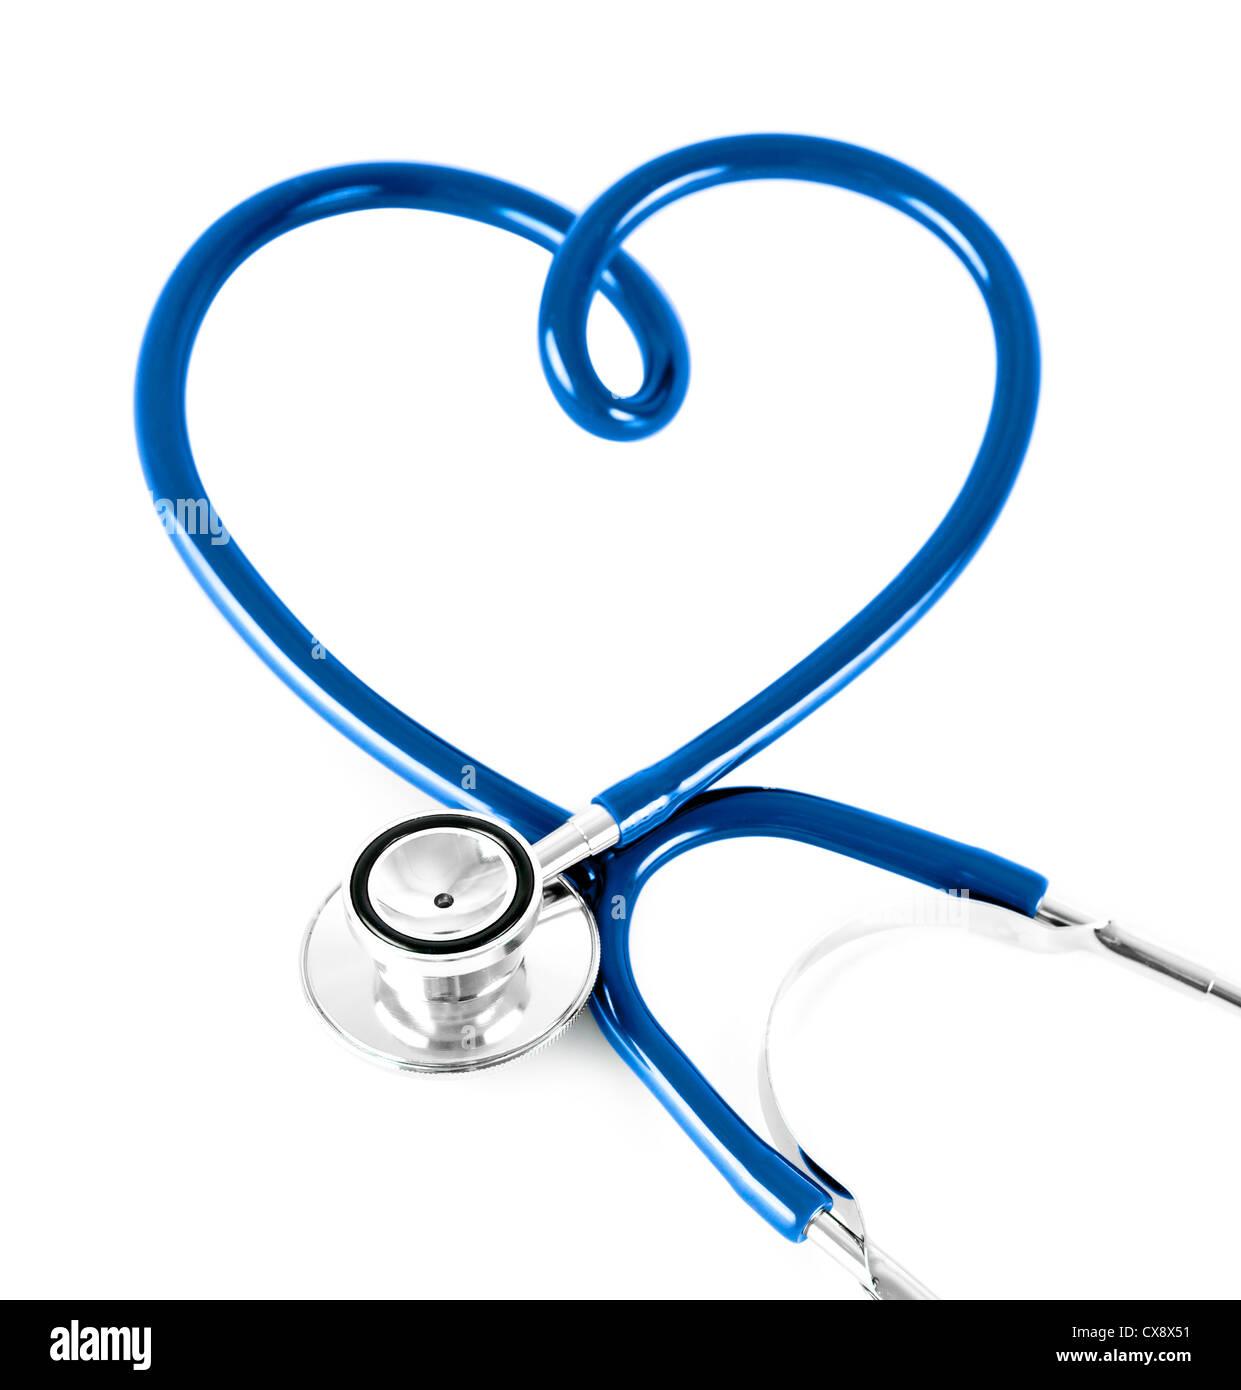 Uno stetoscopio in forma di cuore il concetto di colore blu. Immagini Stock